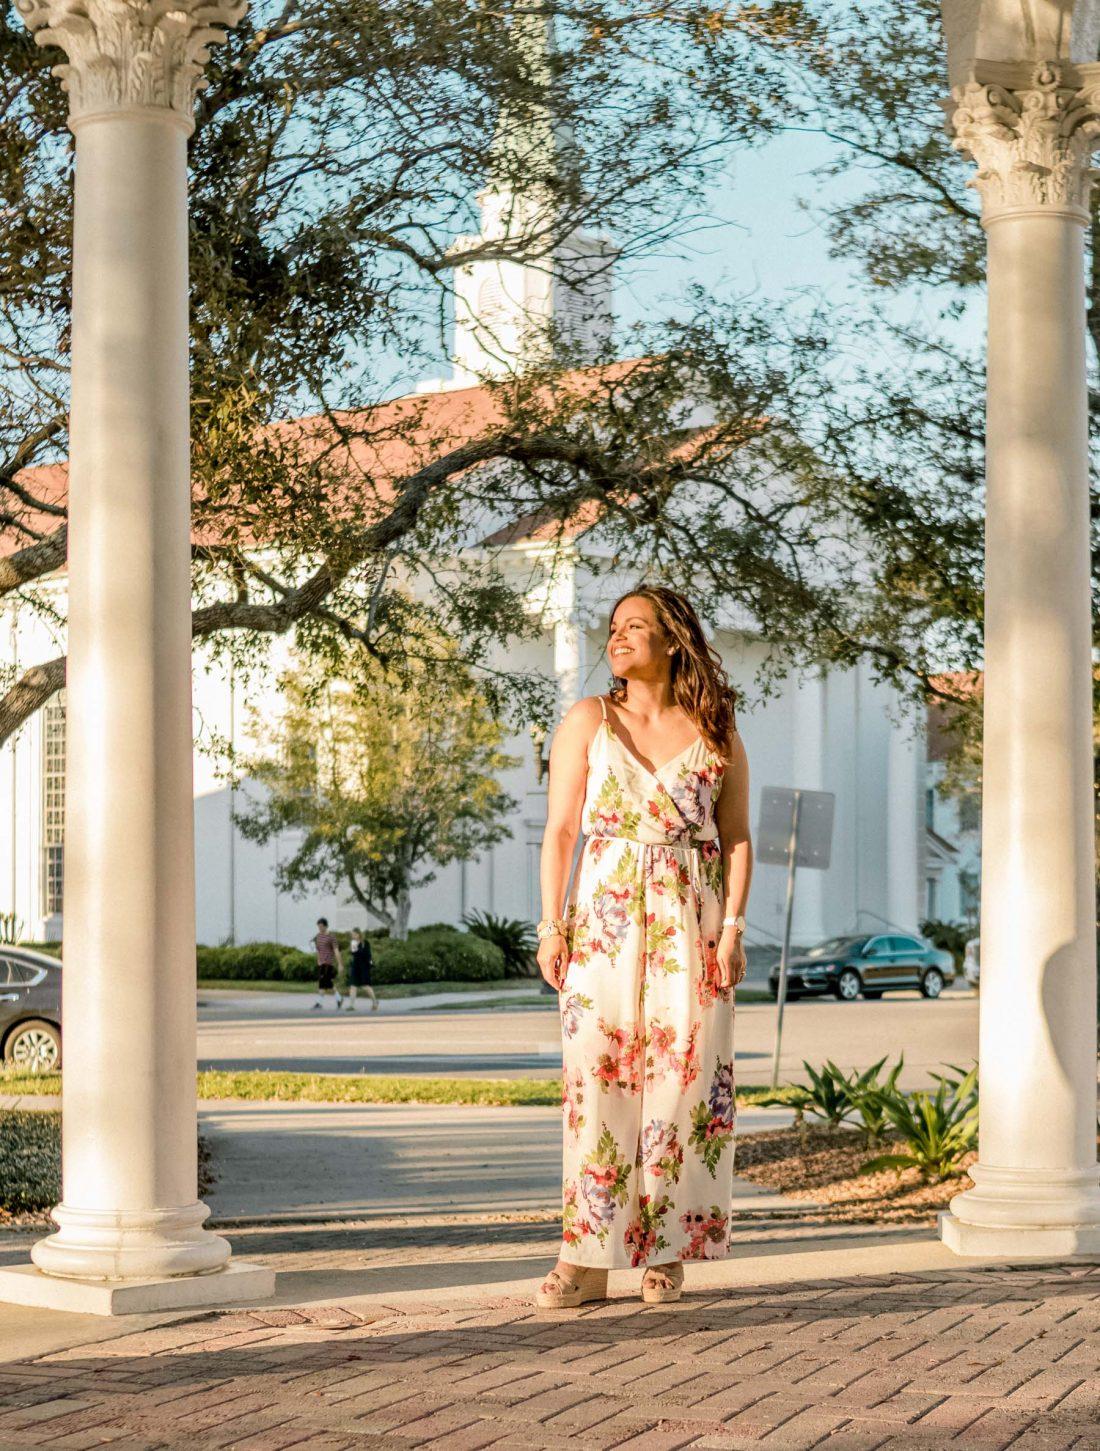 La La Lisette, Florida clean beauty + lifestyle blogger in San Marco, Jacksonville